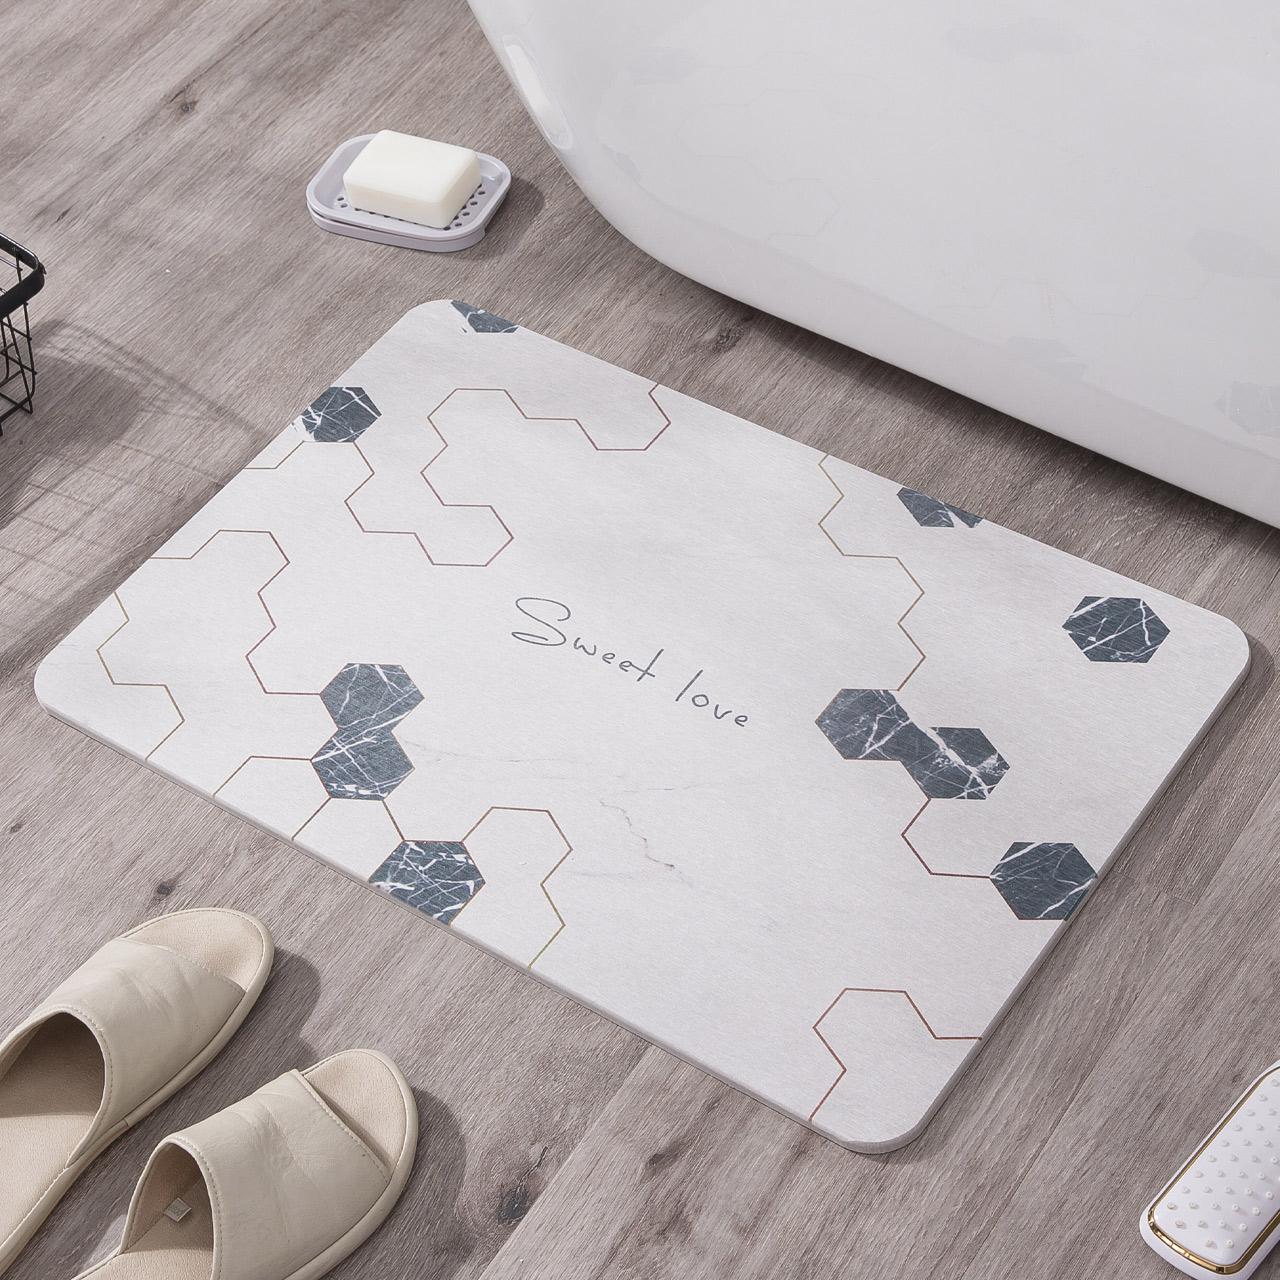 奇雅天然硅藻泥脚垫卫生间卫浴门垫硅藻土地垫吸水速干浴室防滑垫(非品牌)